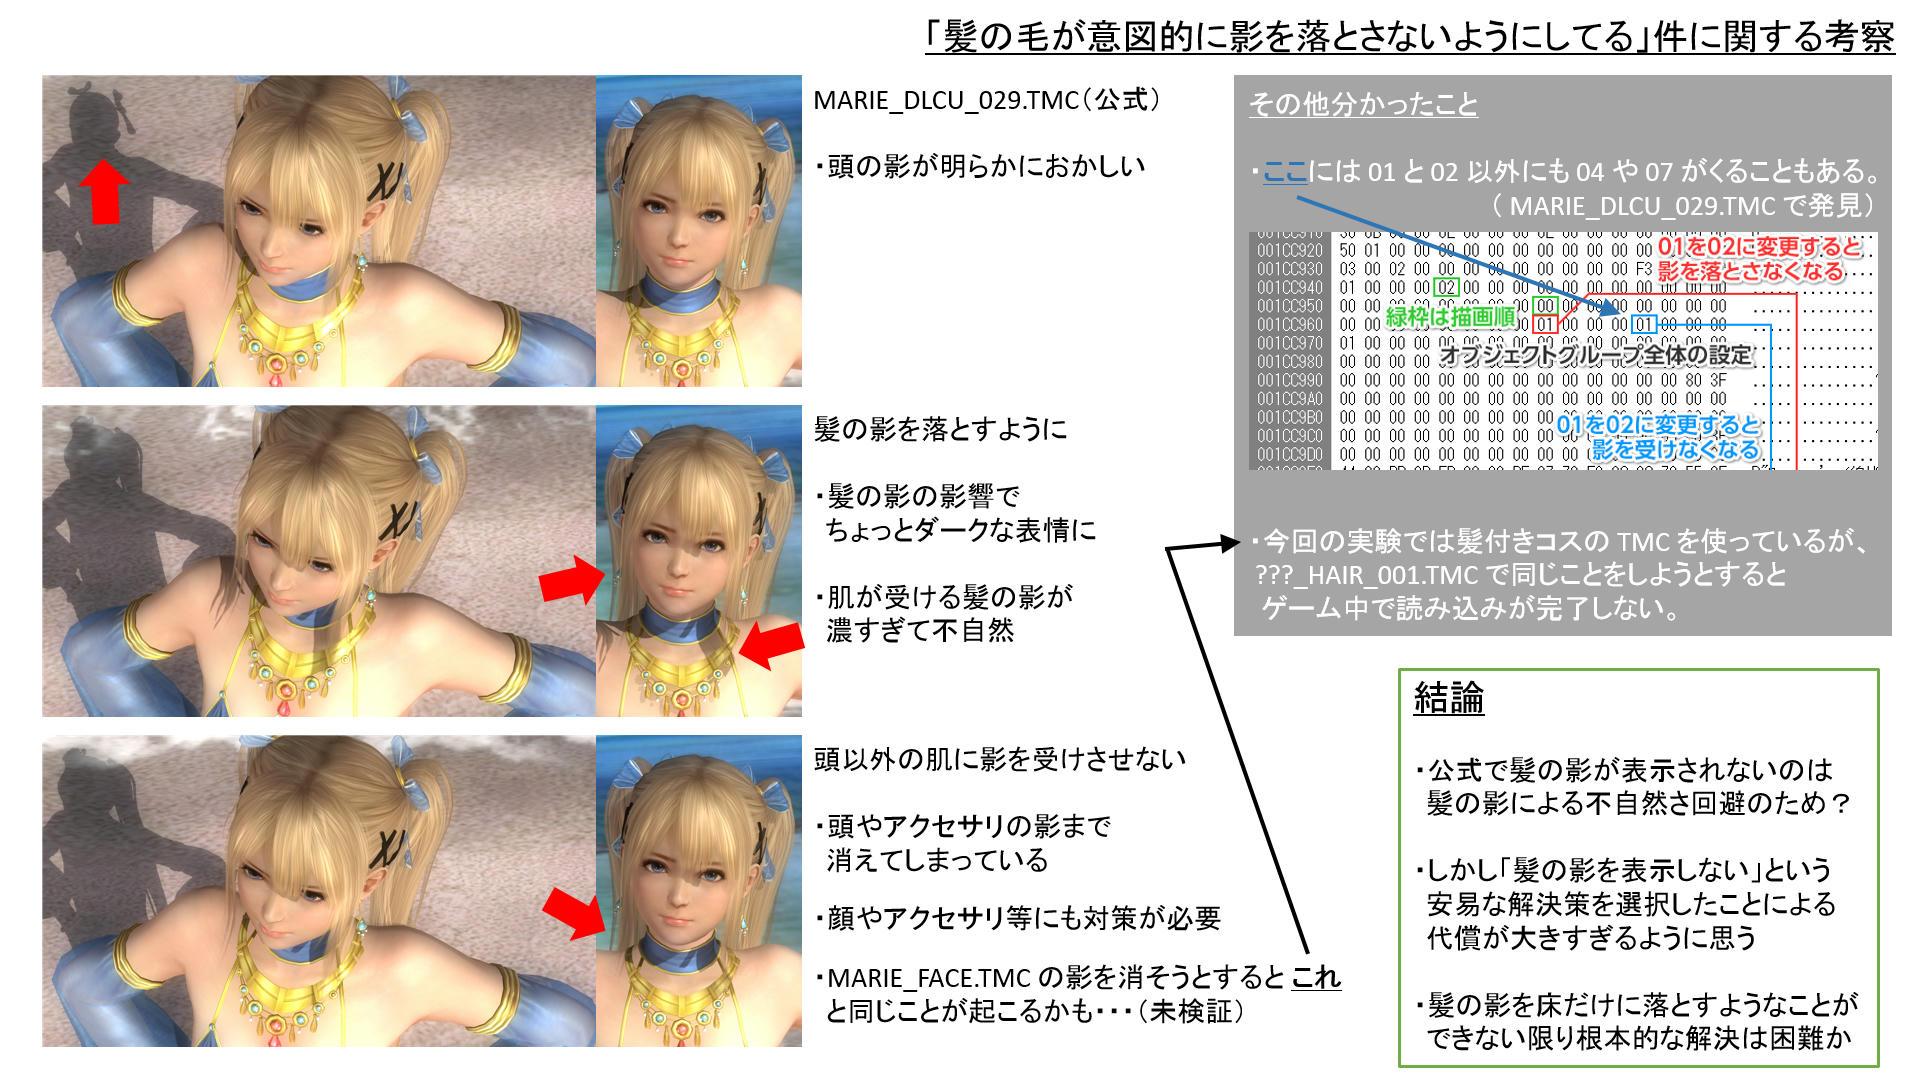 【PC】デッドオアアライブ5LR MOD制作スレ2 [無断転載禁止]©bbspink.comYouTube動画>3本 ->画像>769枚